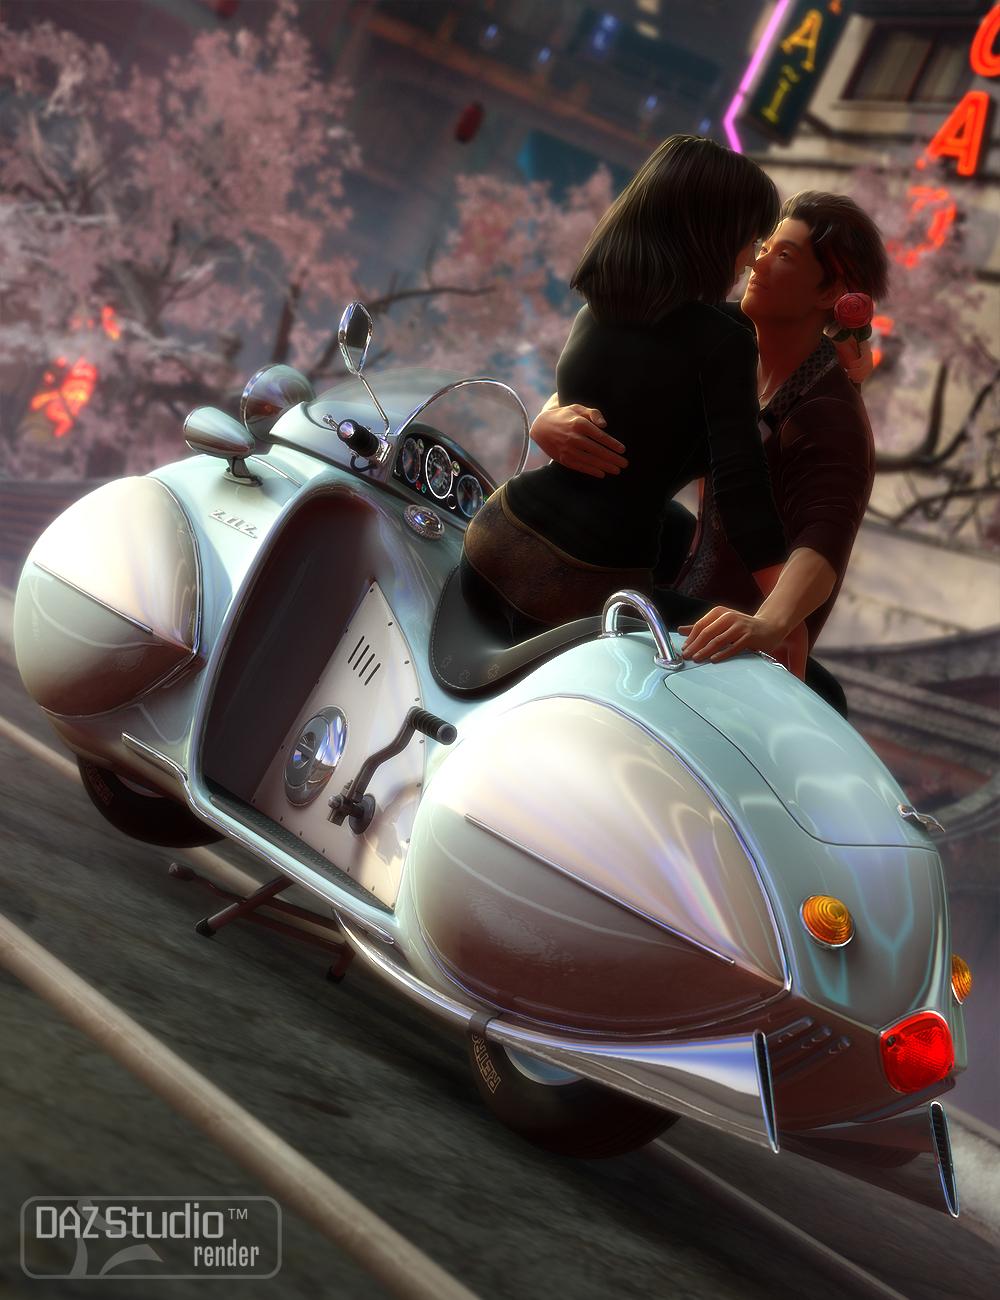 Motorbike ZAZ by: petipet, 3D Models by Daz 3D